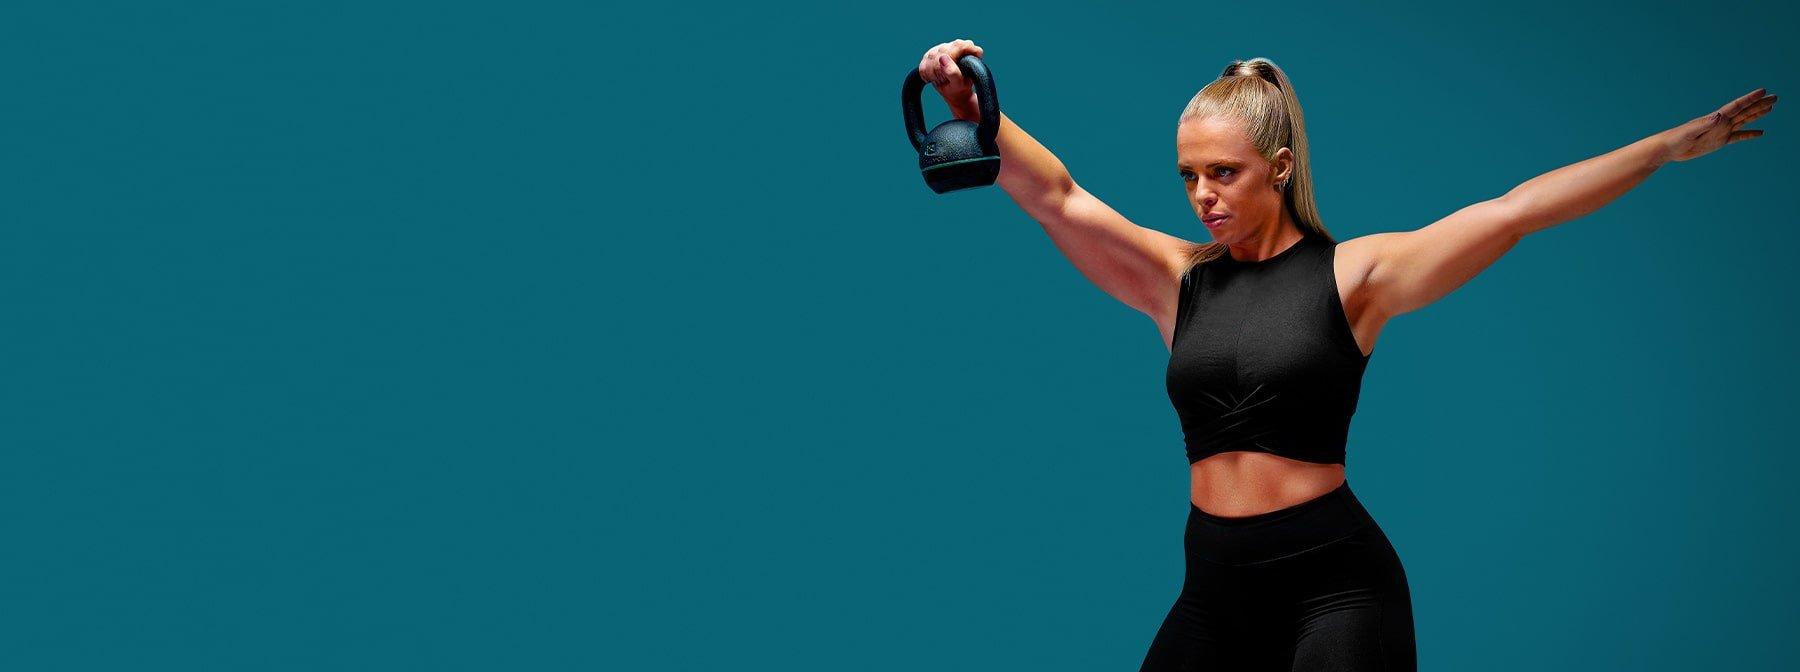 Útmutató táplálékkiegészítők időzítéséhez | Étrend-kiegészítők izomtömeg-növeléshez